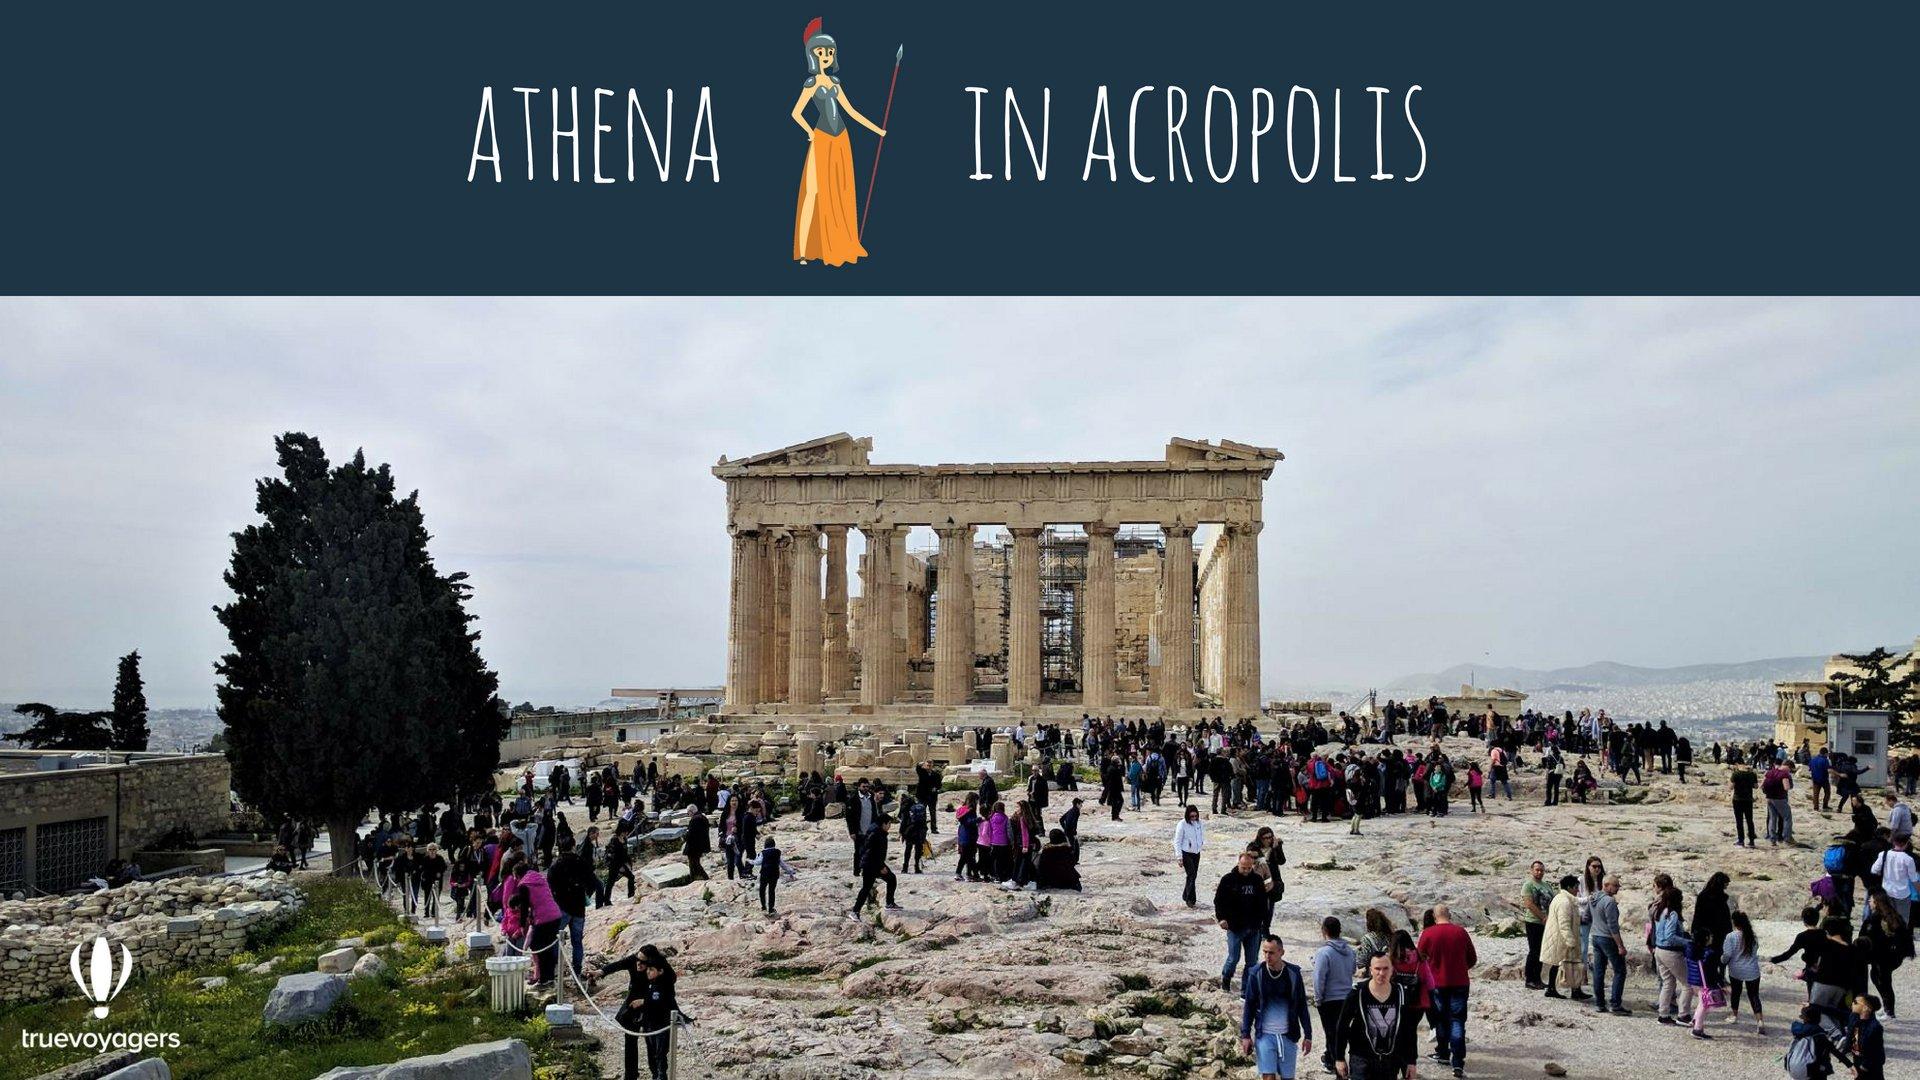 Athena in Acropolis. Copyright: Truevoyagers